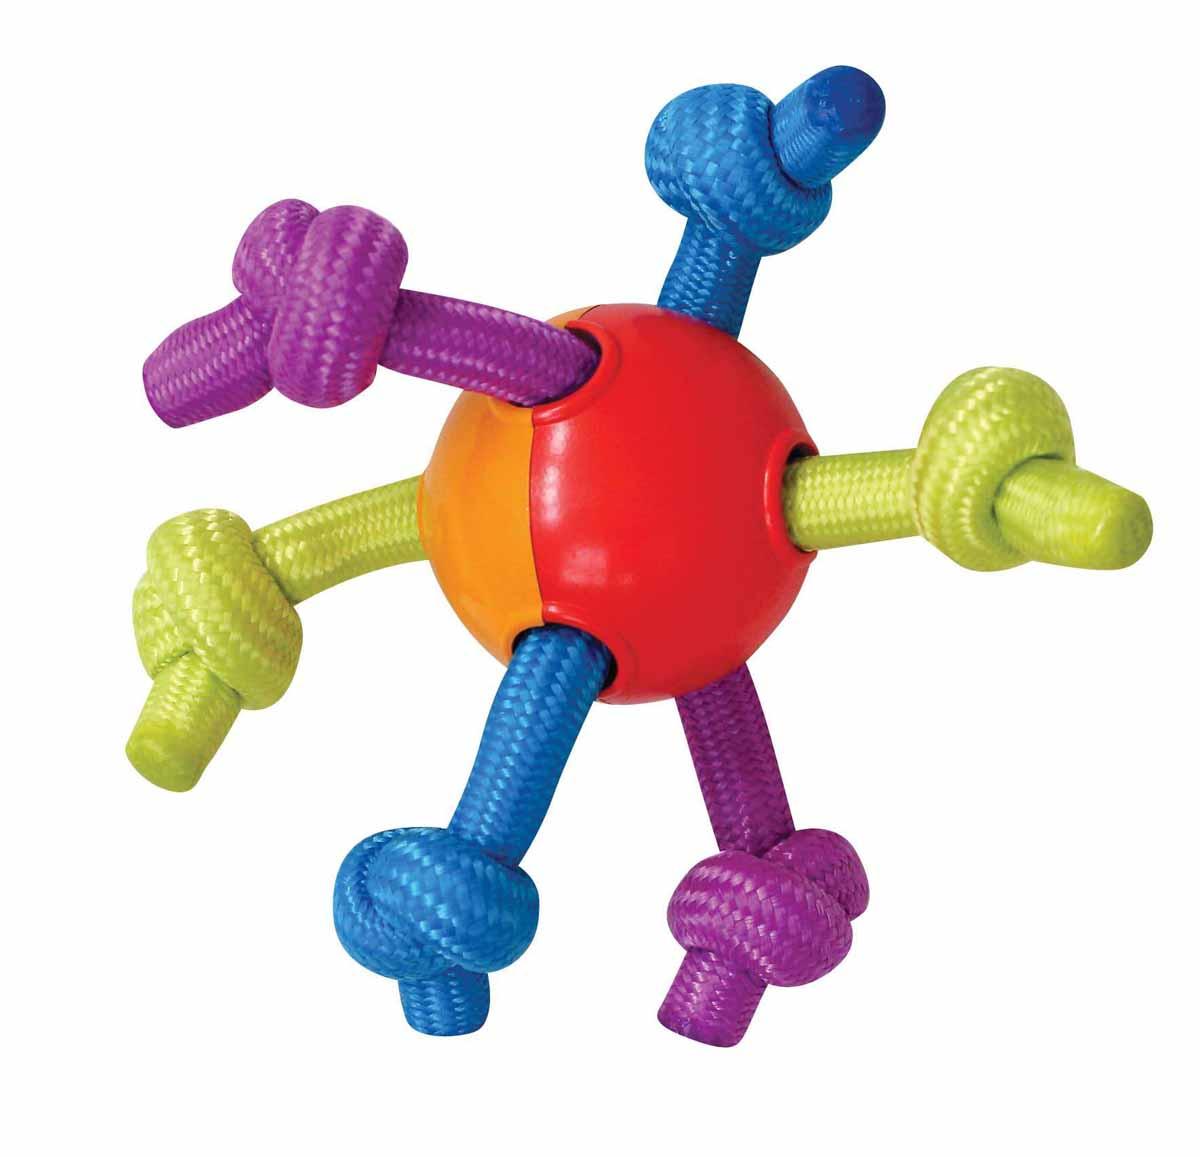 Игрушка для щенков Petstages Puppy Мячик с канатами285150Игрушка для щенков Petstages Puppy представляет собой пластиковый мячик с канатами. Жуя и растягивая мягкие и прочные полипропиленовые канаты, ваш питомец не повредит себе зубы и десны. Эластичный мяч способствует тренировке челюстей. Различная текстура игрушки добавляет интерес к игре. Способствует очищению зубов и десен от налета и остатков пищи.Характеристики:Материал: полипропилен.Общий размер игрушки: 18 см х 18 см х 7 см.Диаметр мяча: 7 см.